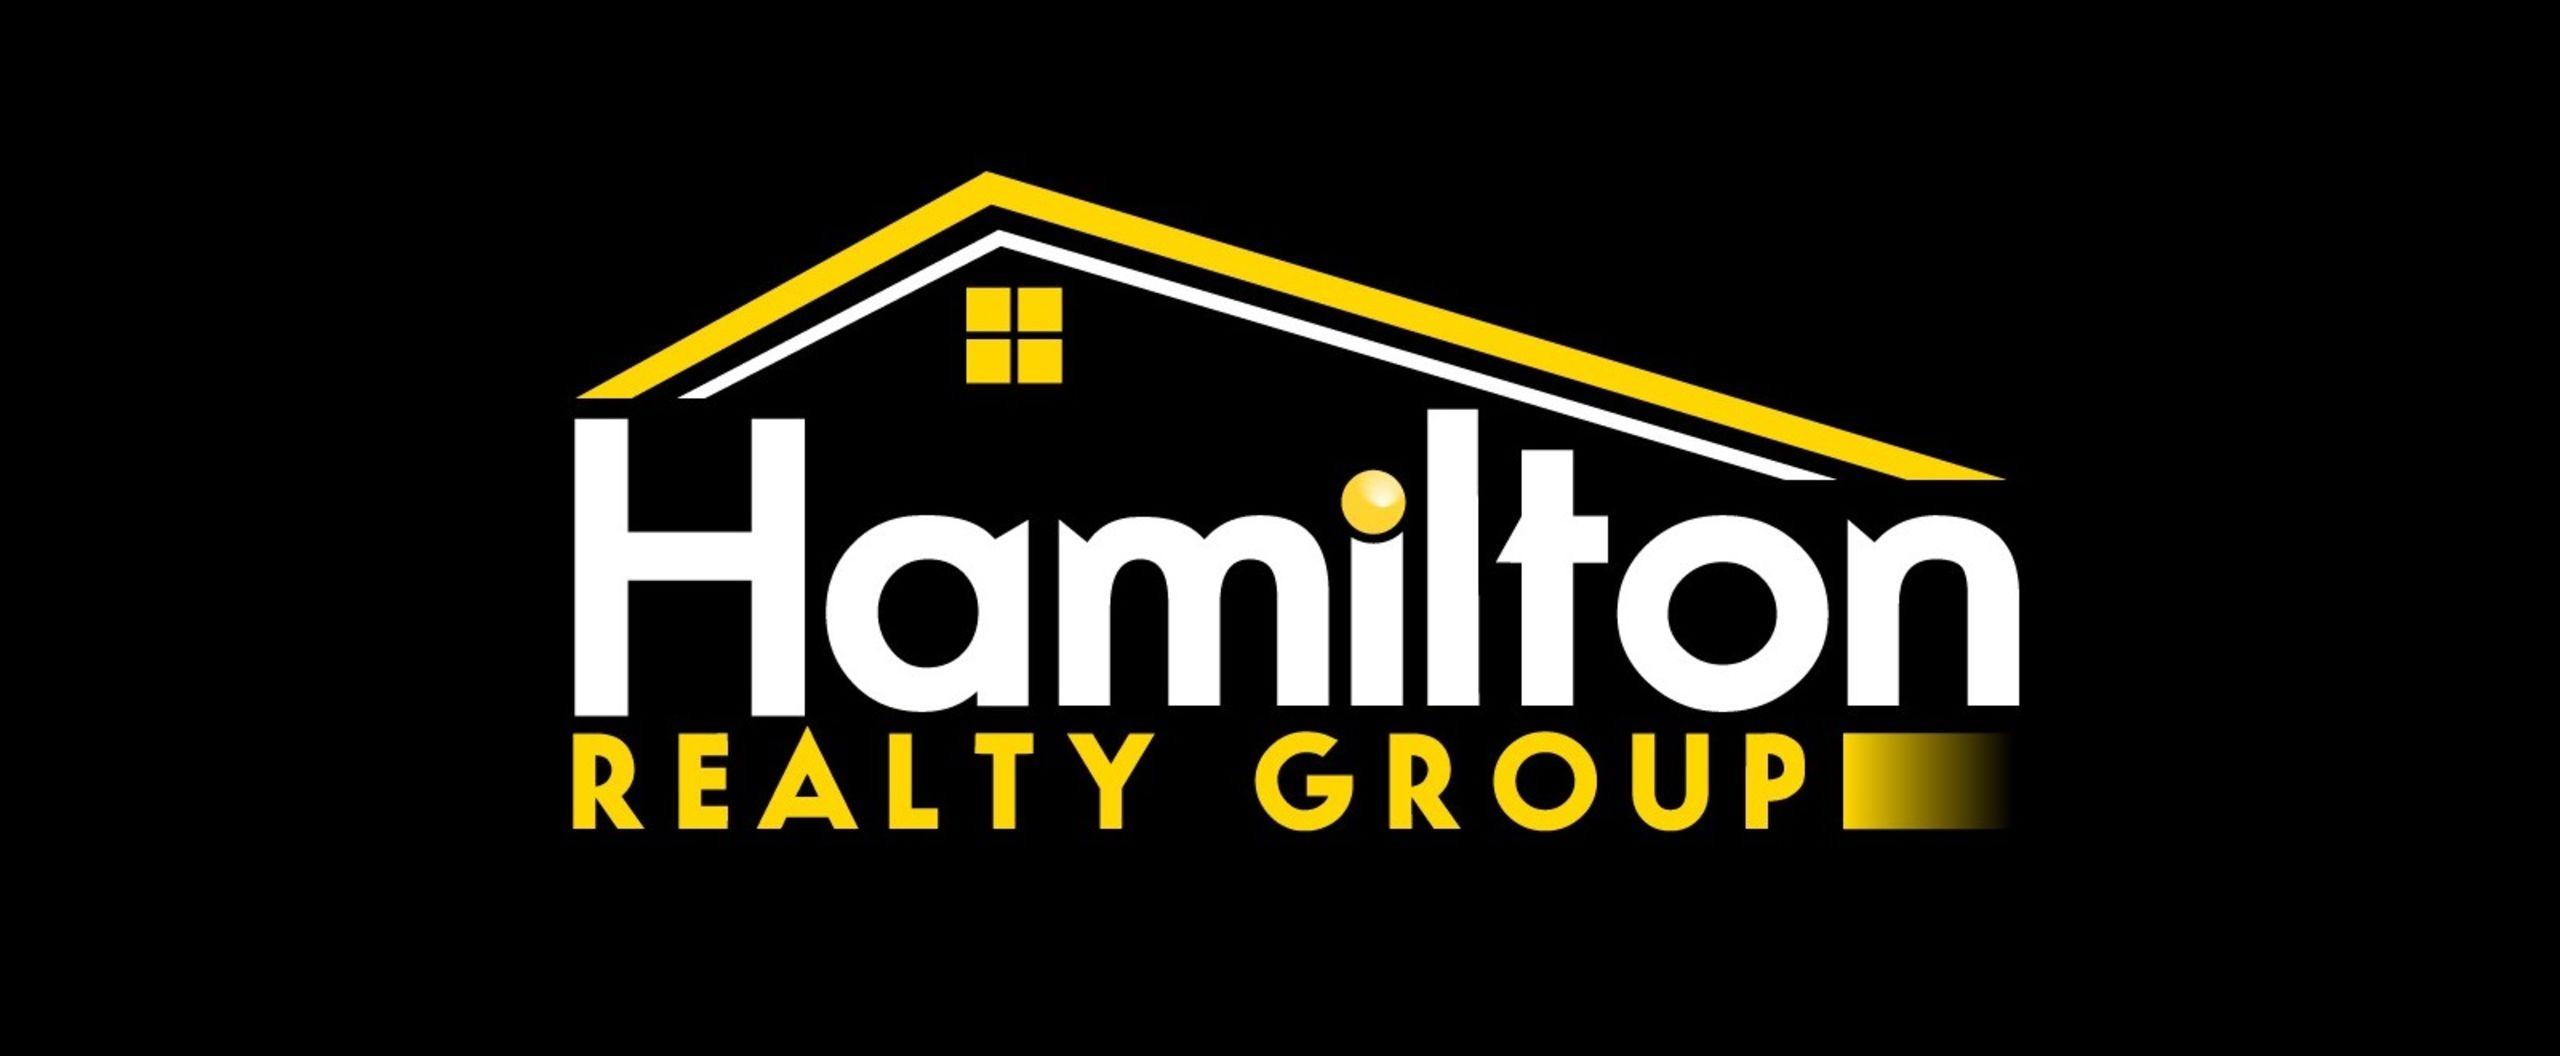 Hamilton Realty Group